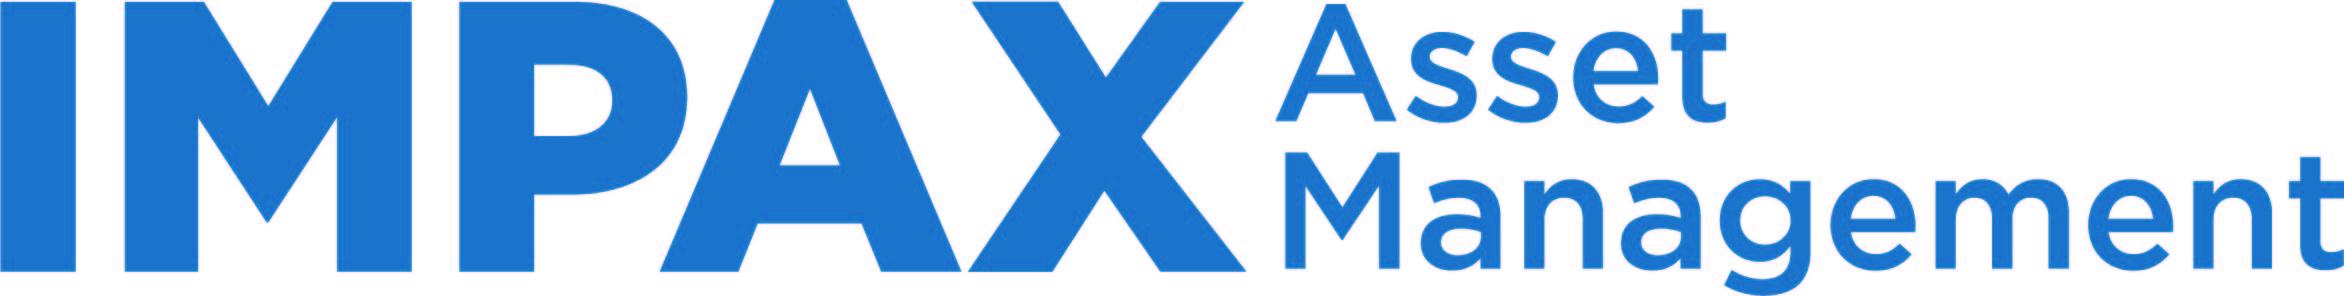 IMPAX_logo.jpg